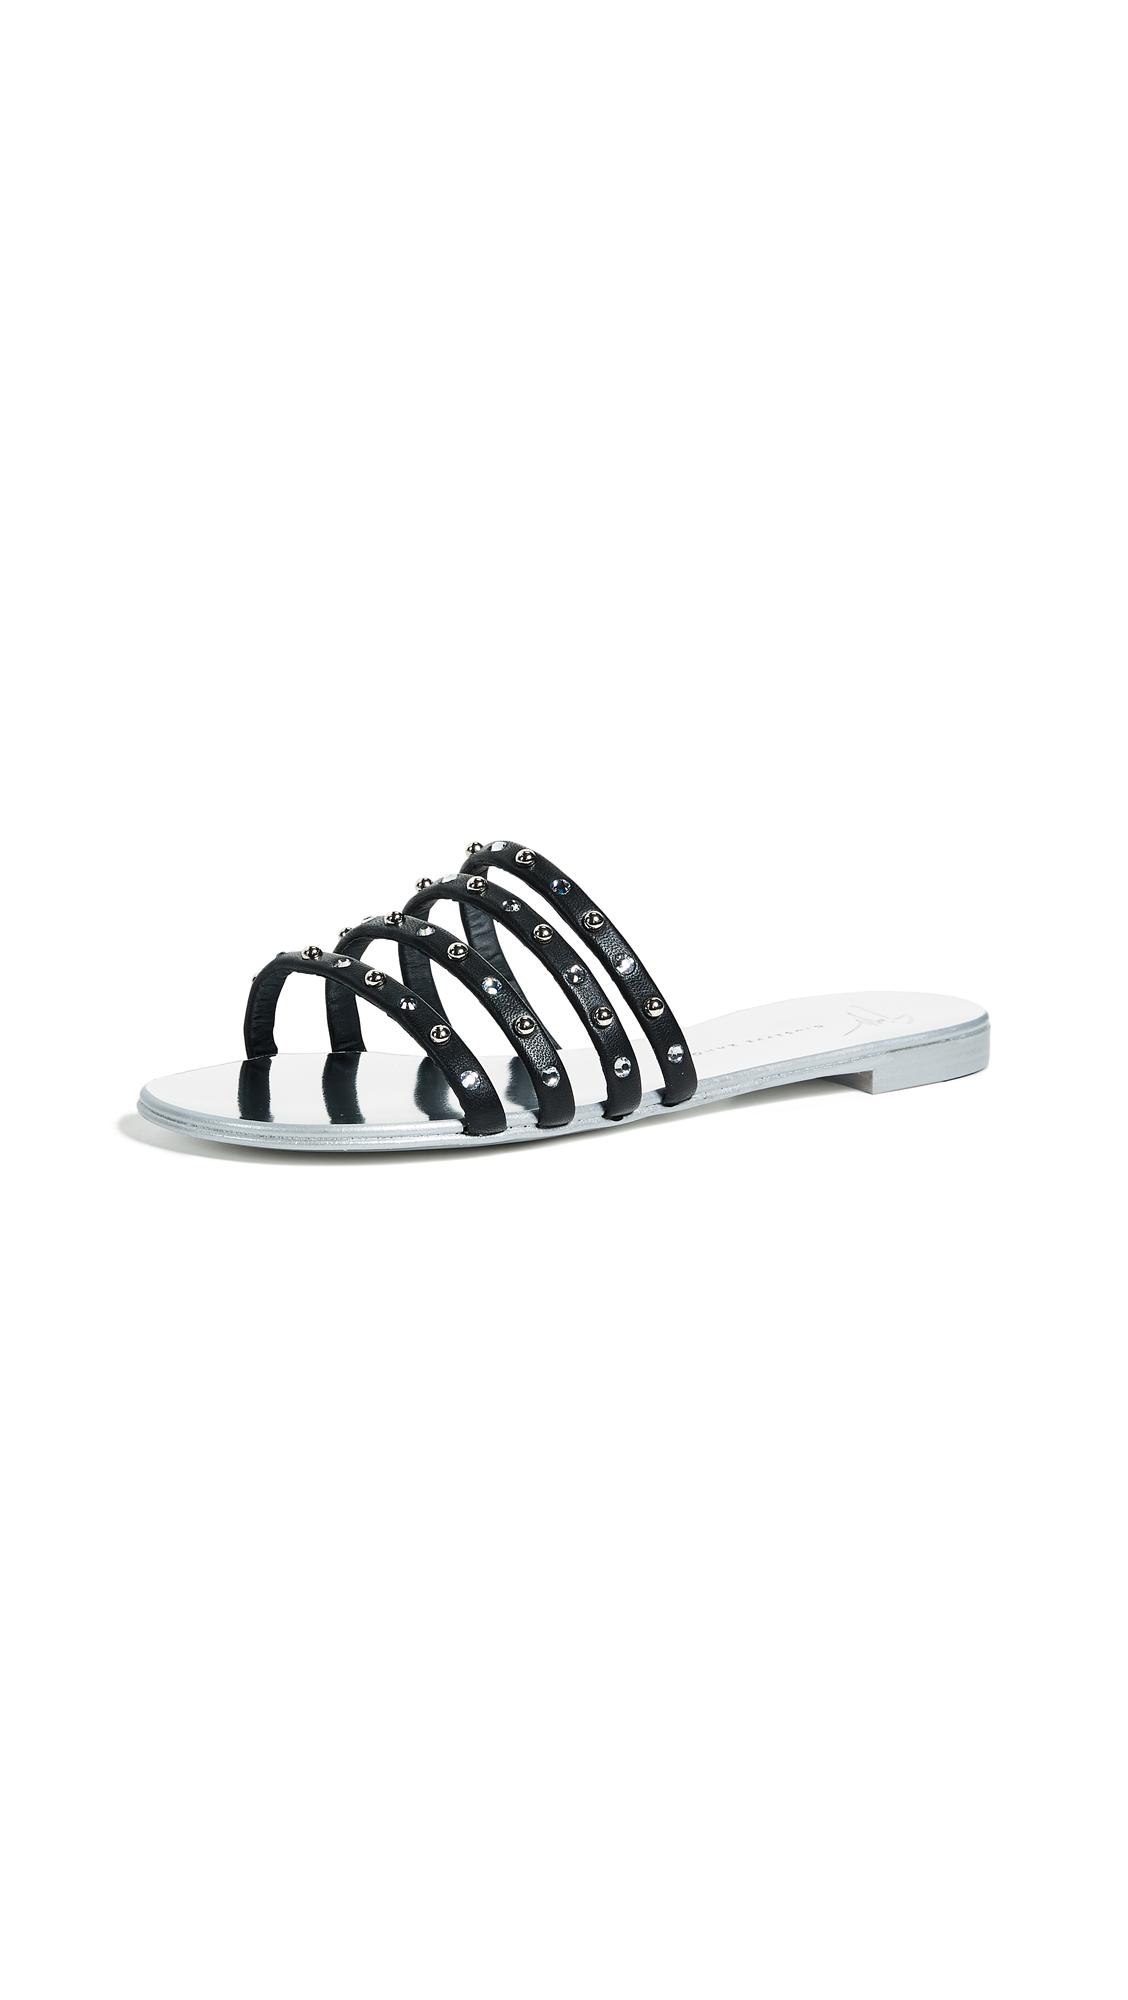 Giuseppe Zanotti Strappy Stud Sandals - Black/Silver